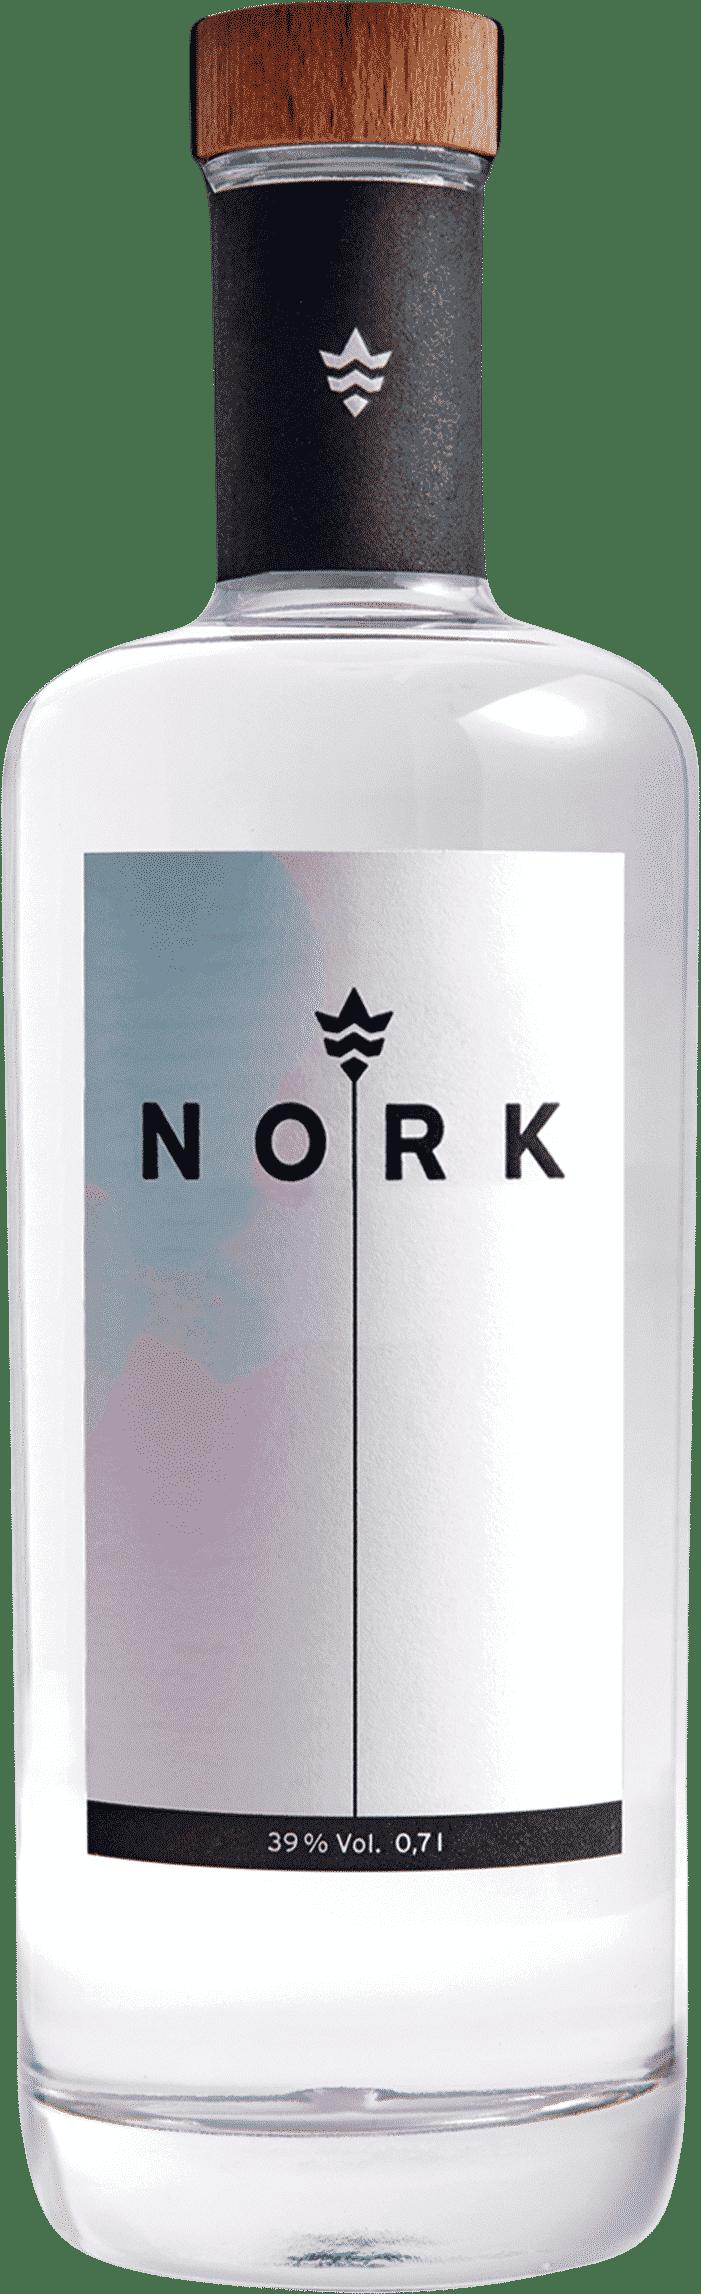 Doppelkorn von NORK